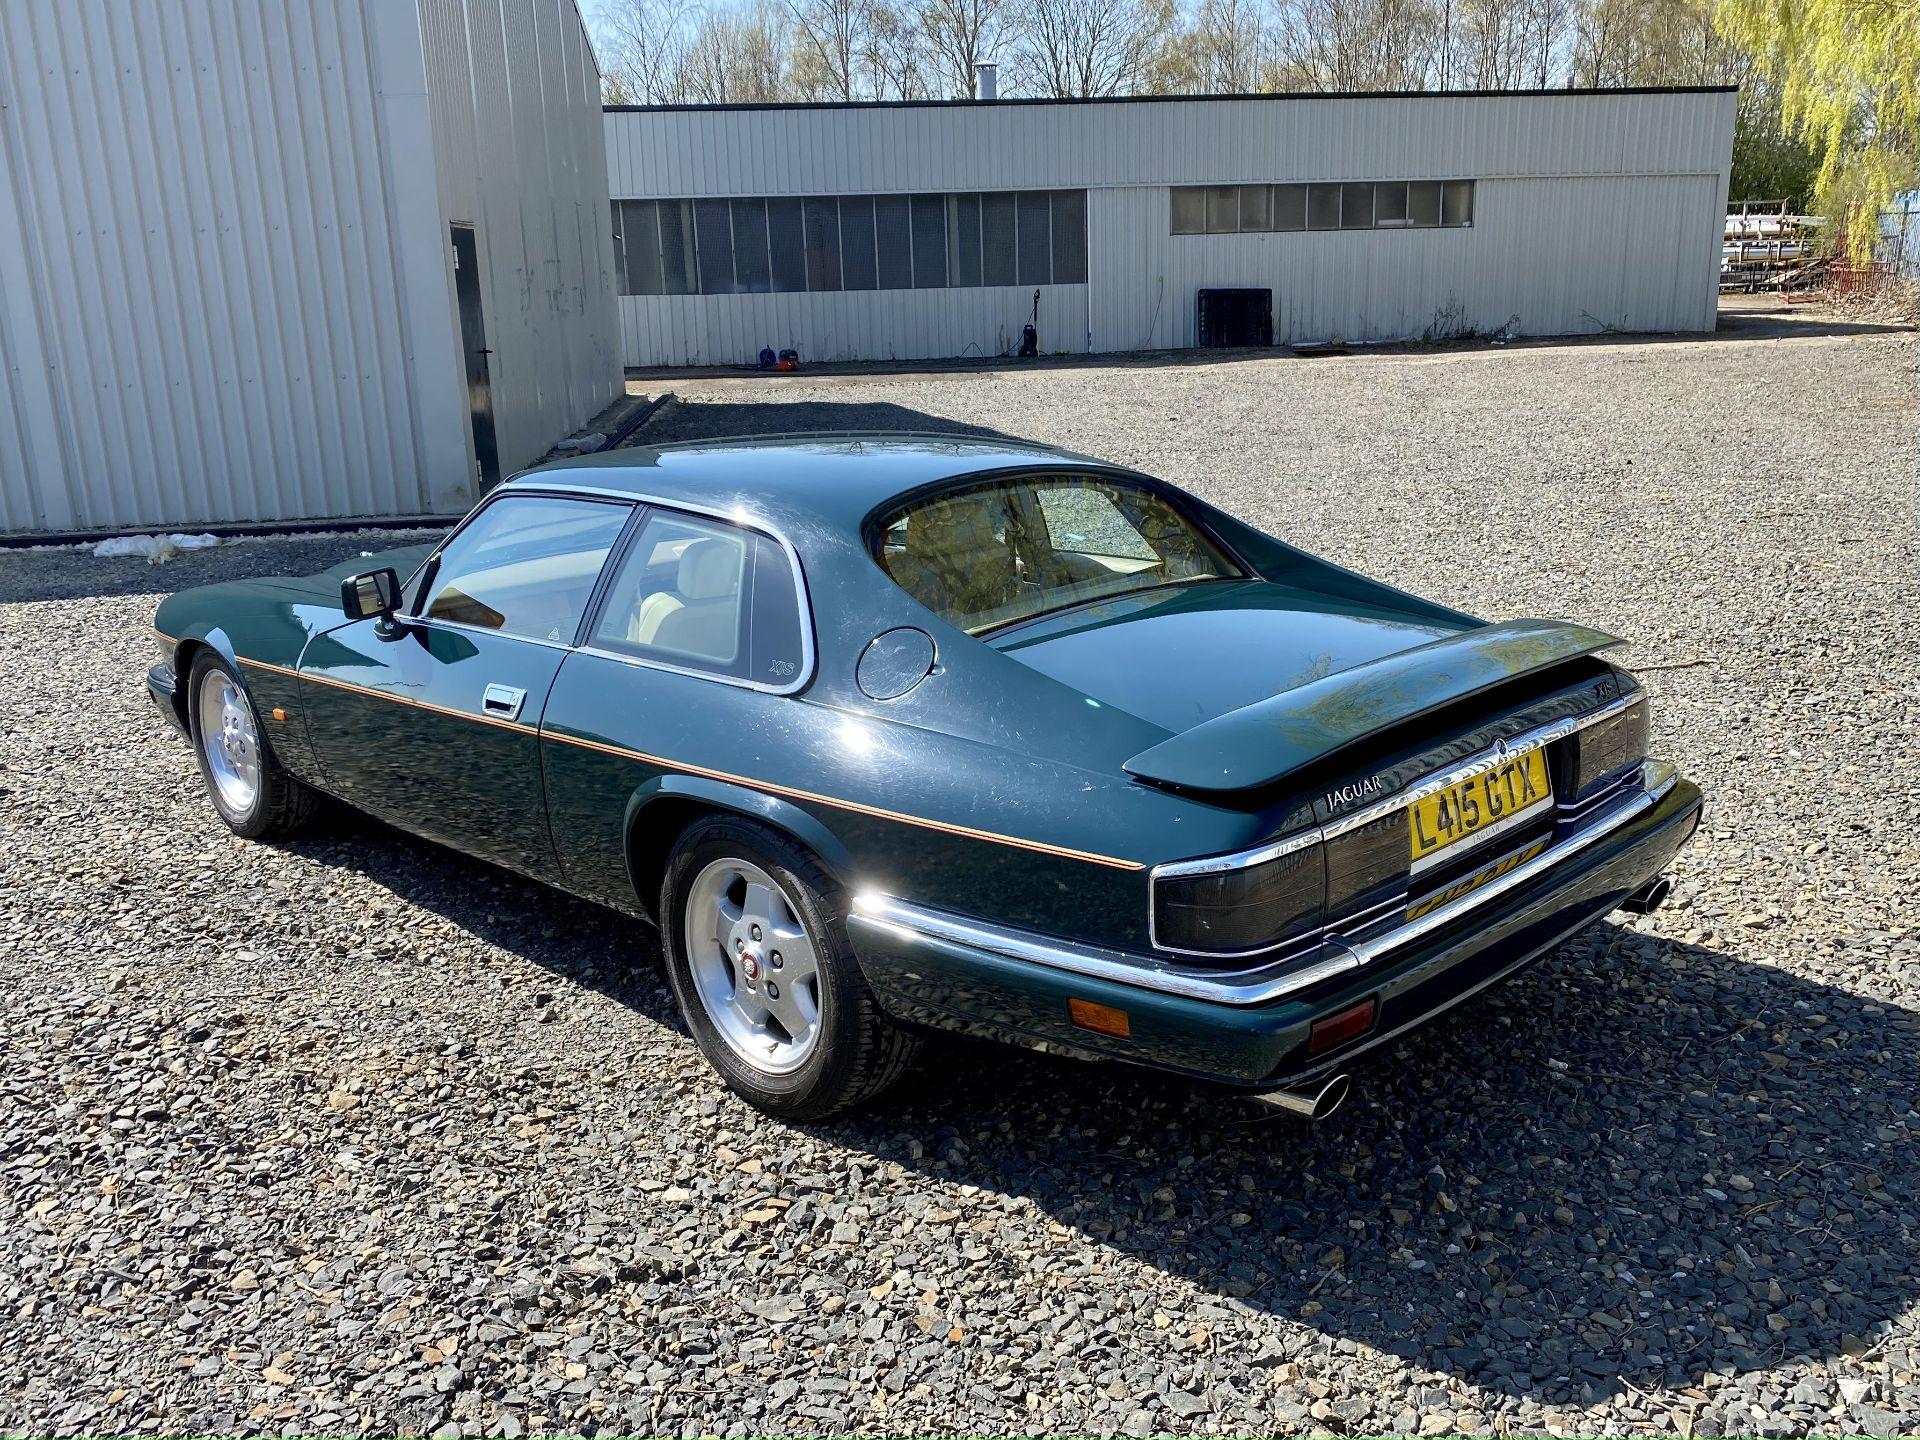 Jaguar XJS coupe - Image 10 of 64